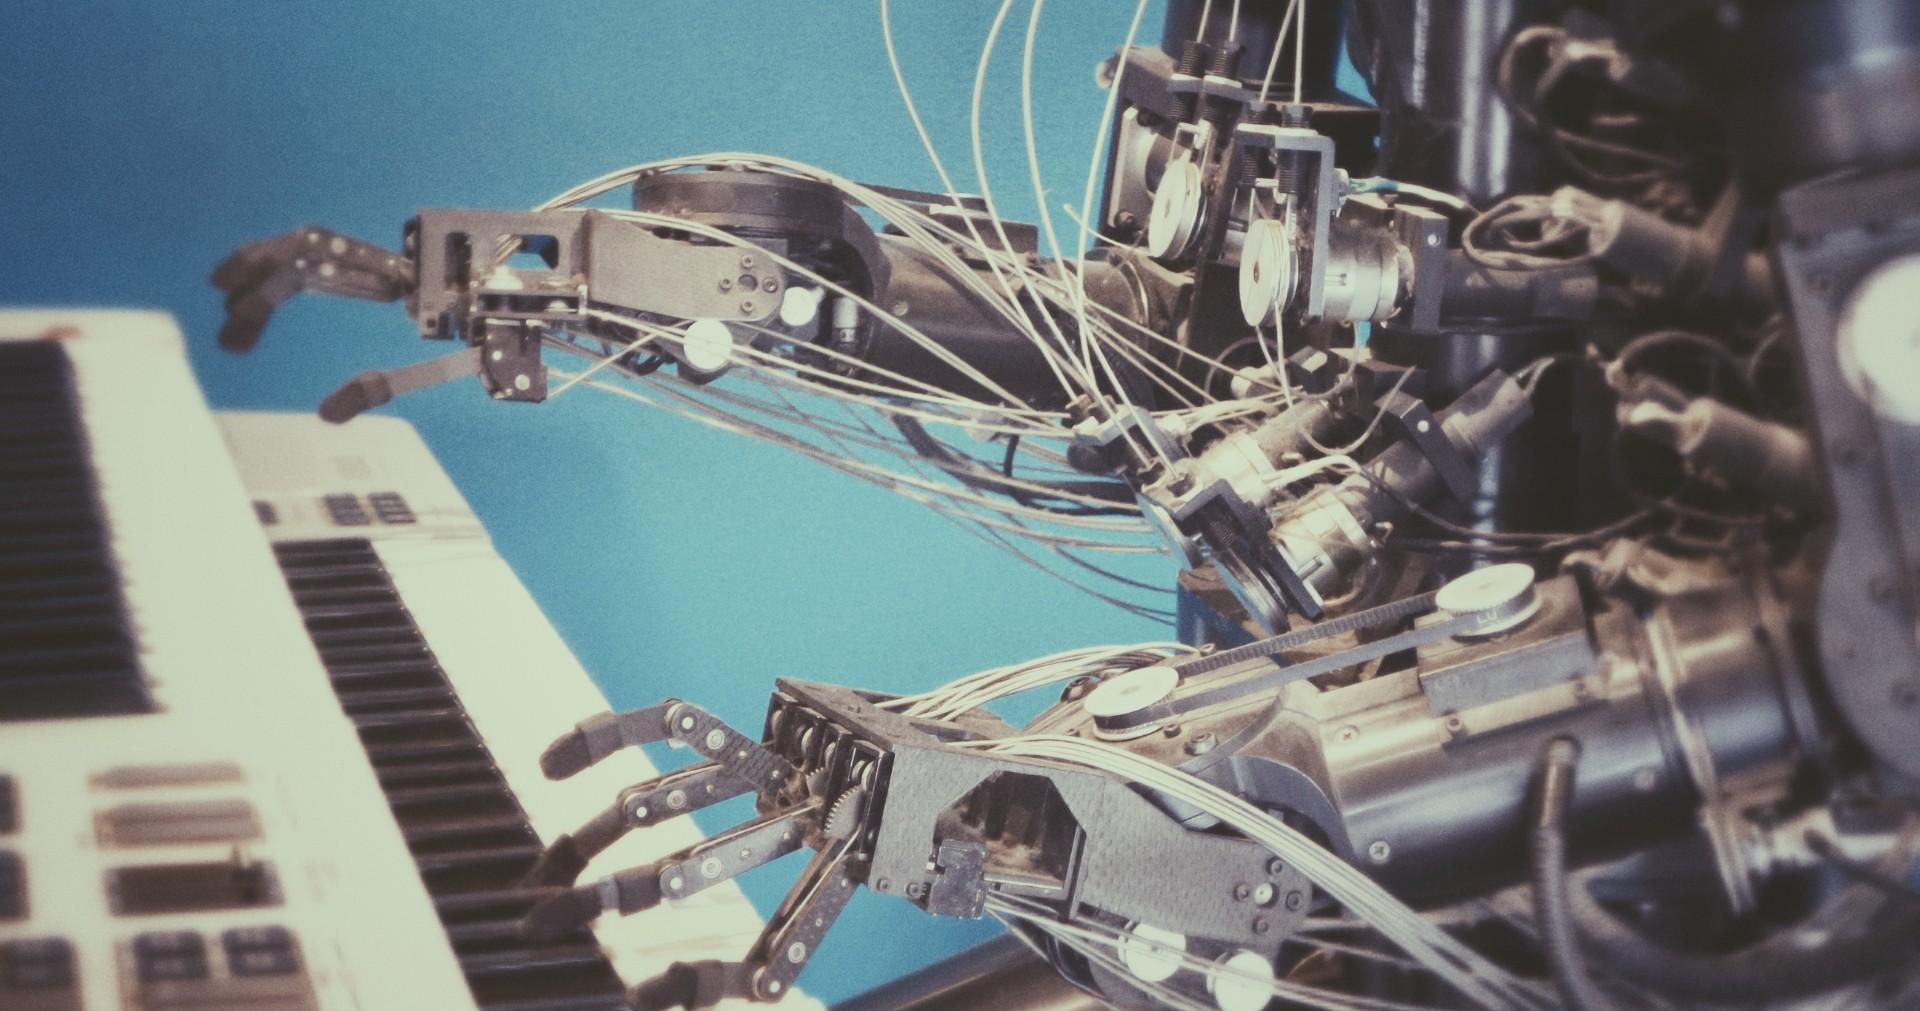 Intelligenza artificiale, singolarità e transumanesimo: sette libri per capire il futuro